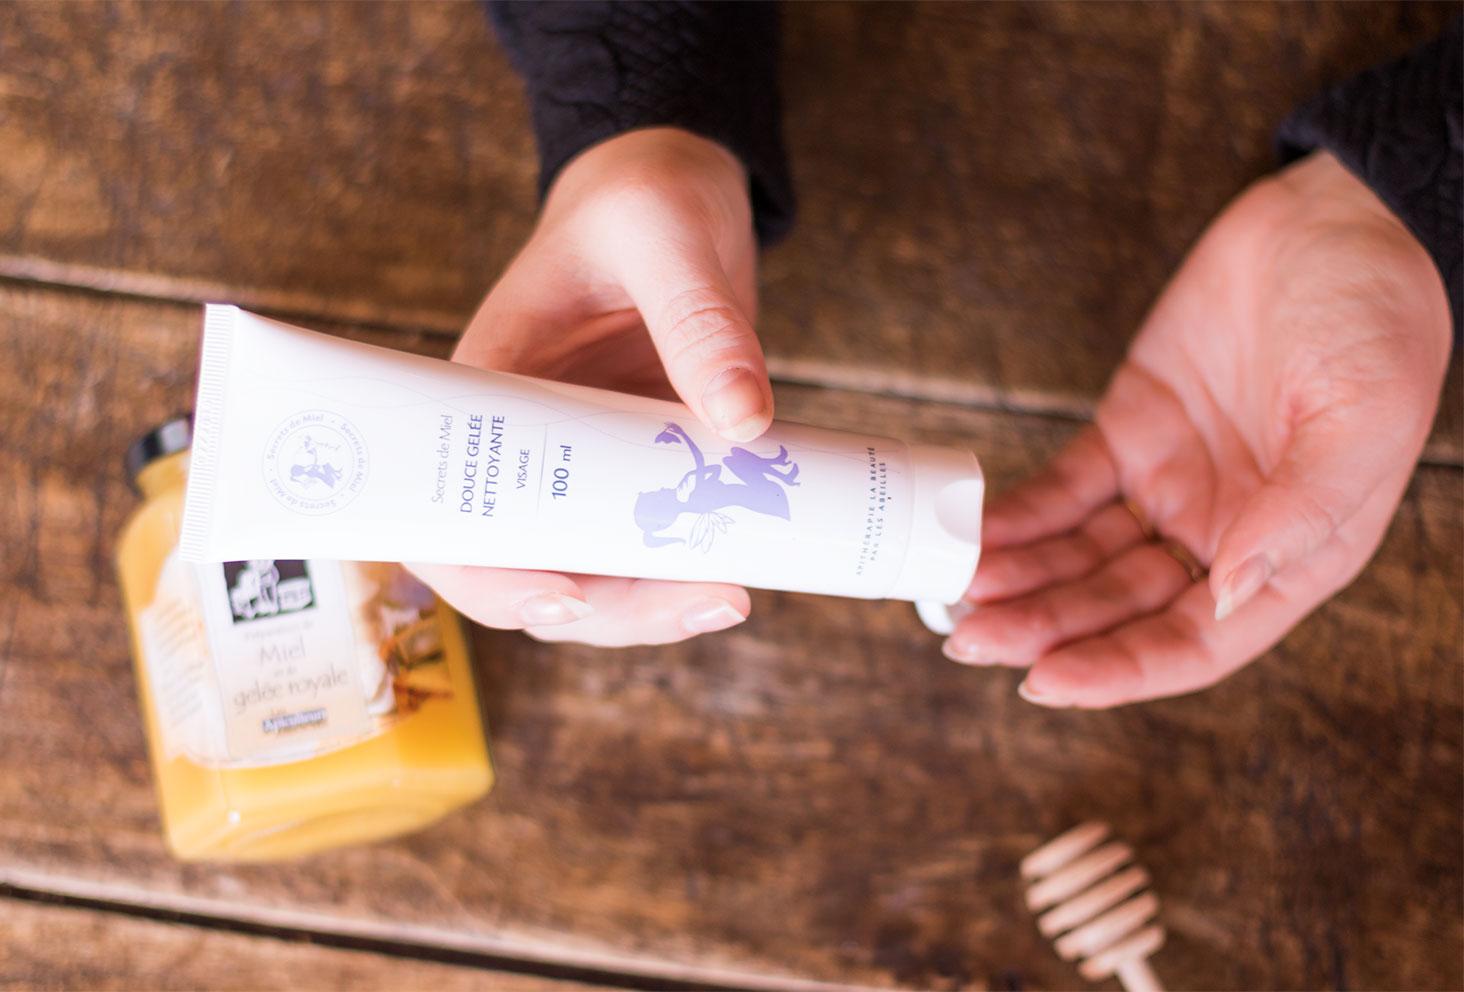 Utilisation de la Douce gelée nettoyante de la marque Secrets de Miel